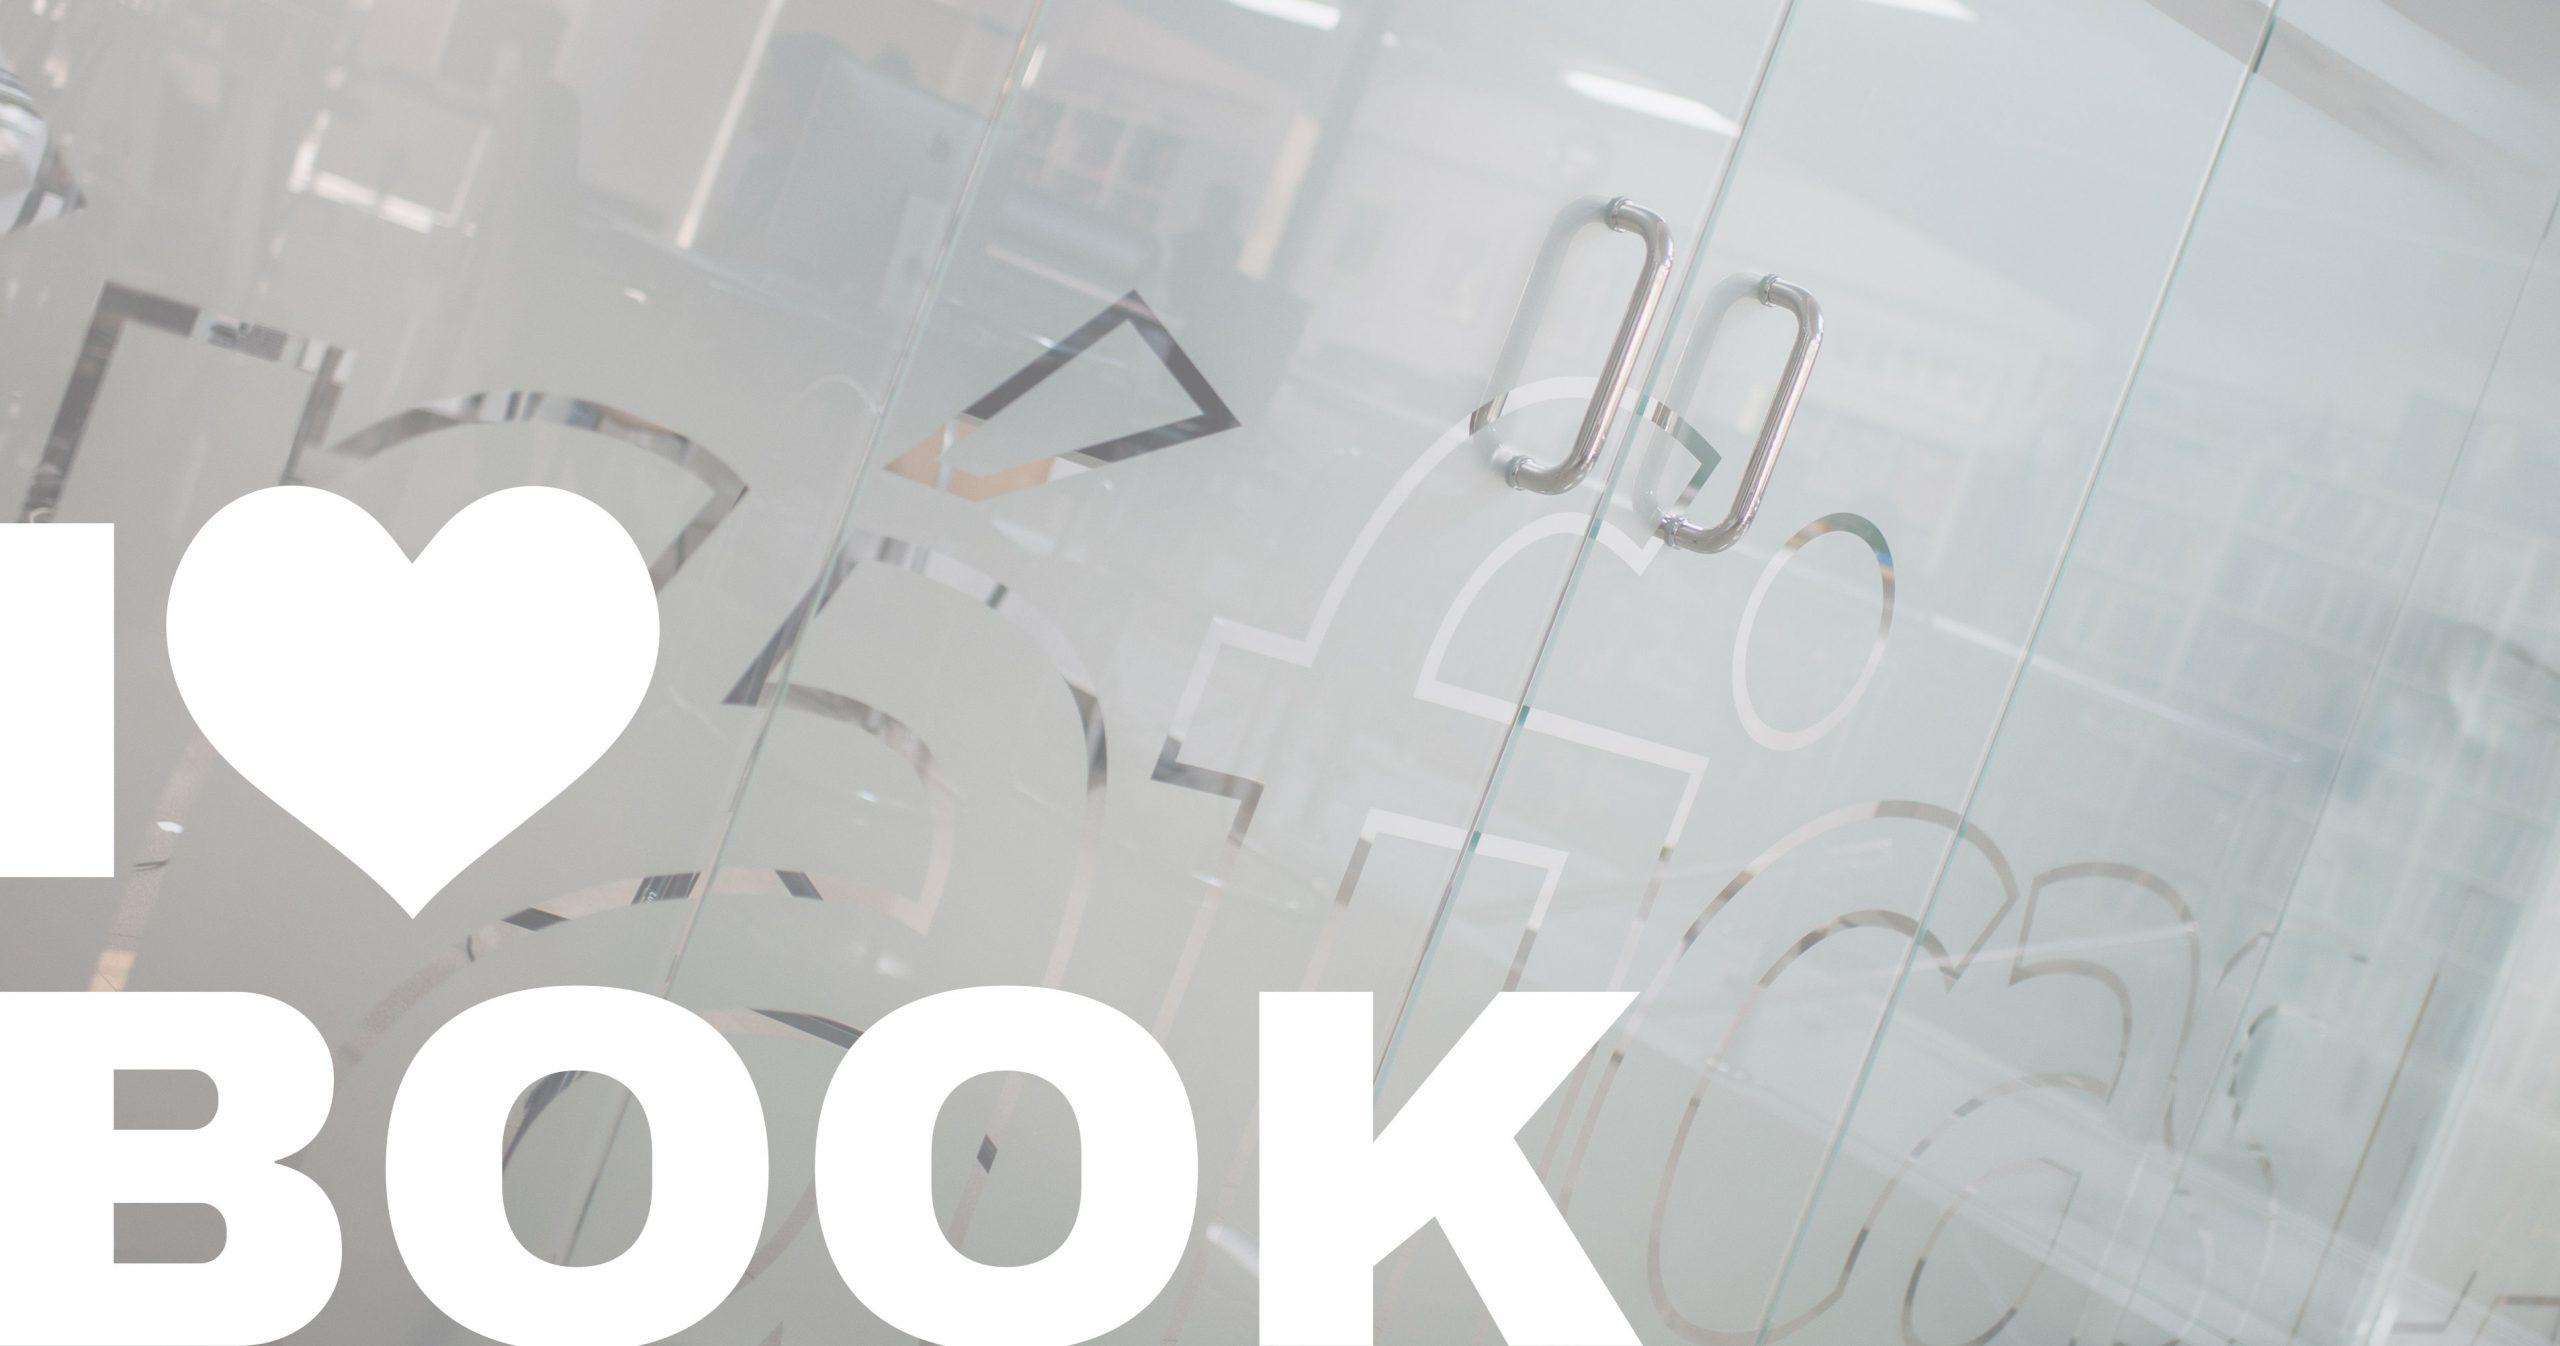 Imprenta impresión libros online I Love Book logotipo